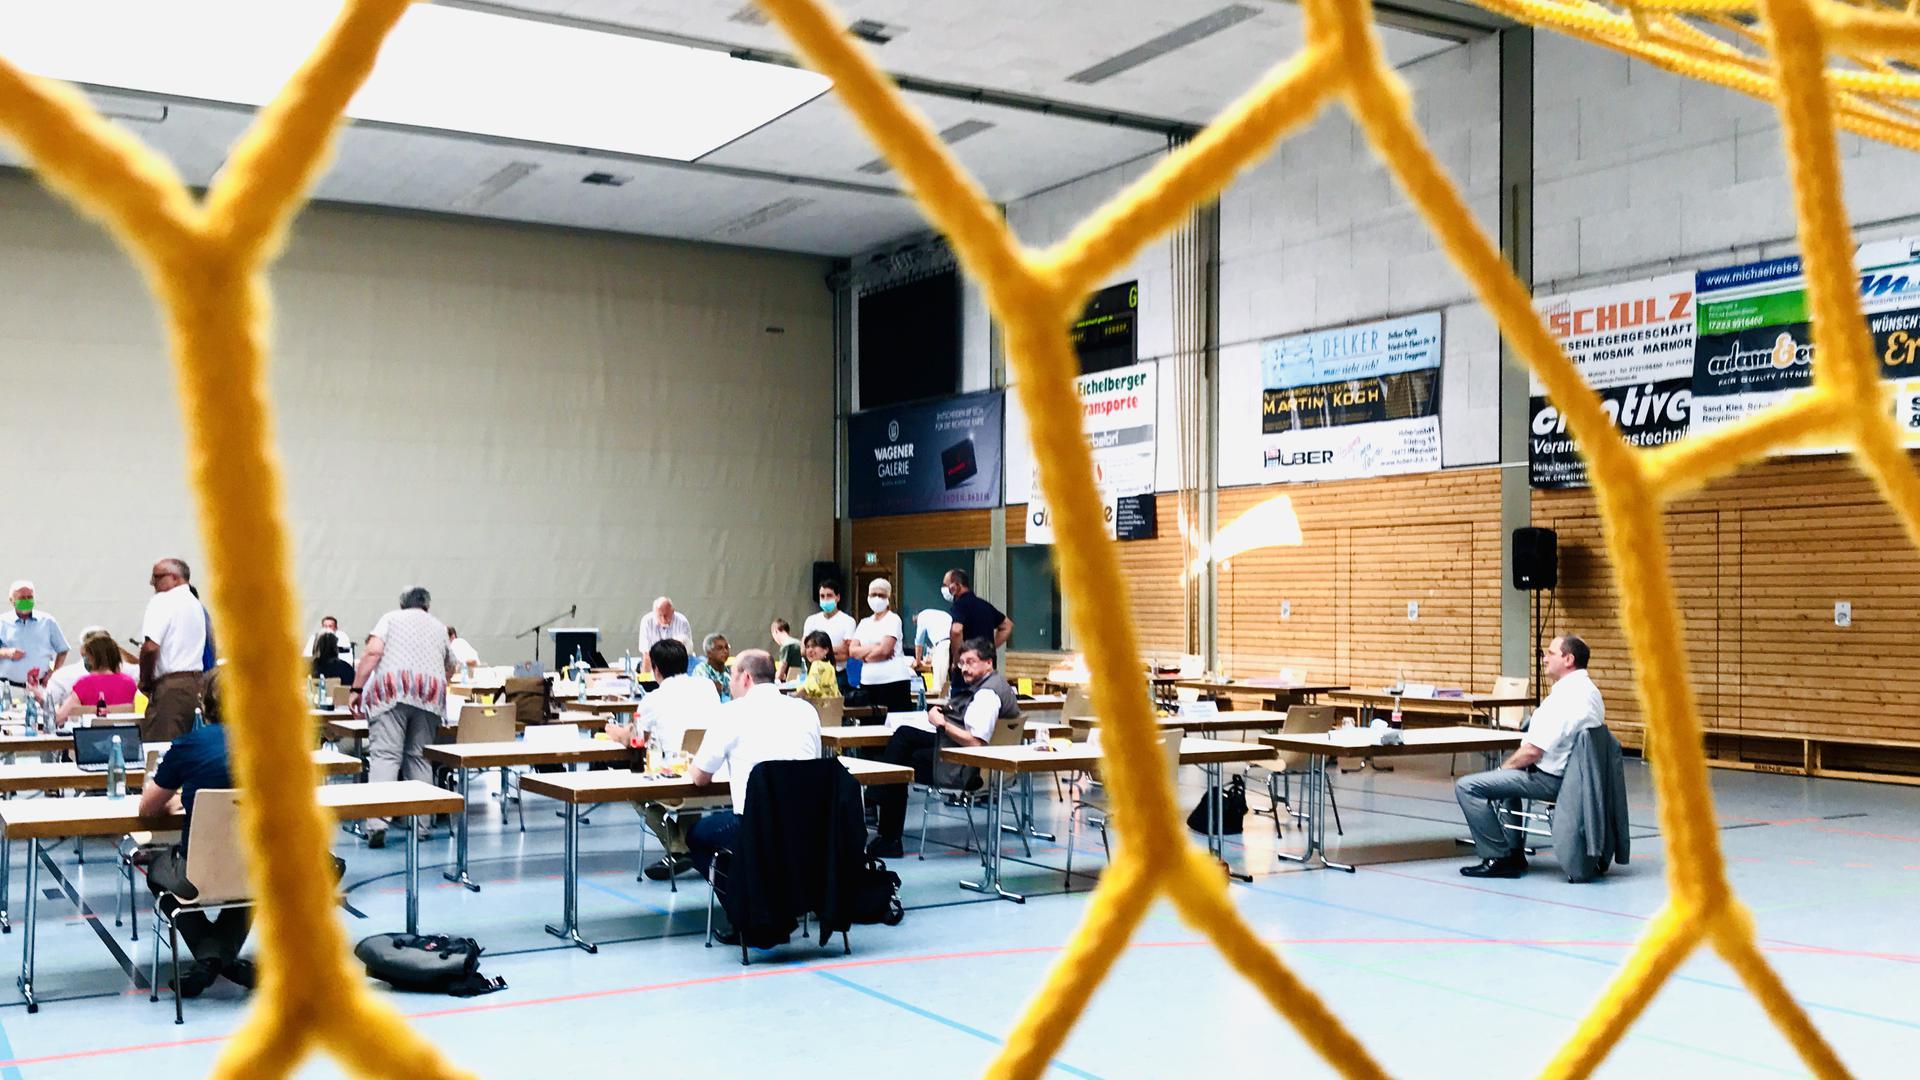 In einer Sporthalle stehen Tische und Menschen mit Mundschutzmasken unterhalten sich. An den Wänden hängen Werbebanner Der Gemeinderat Baden-Baden tagt in der Rheintalhalle Sandweier